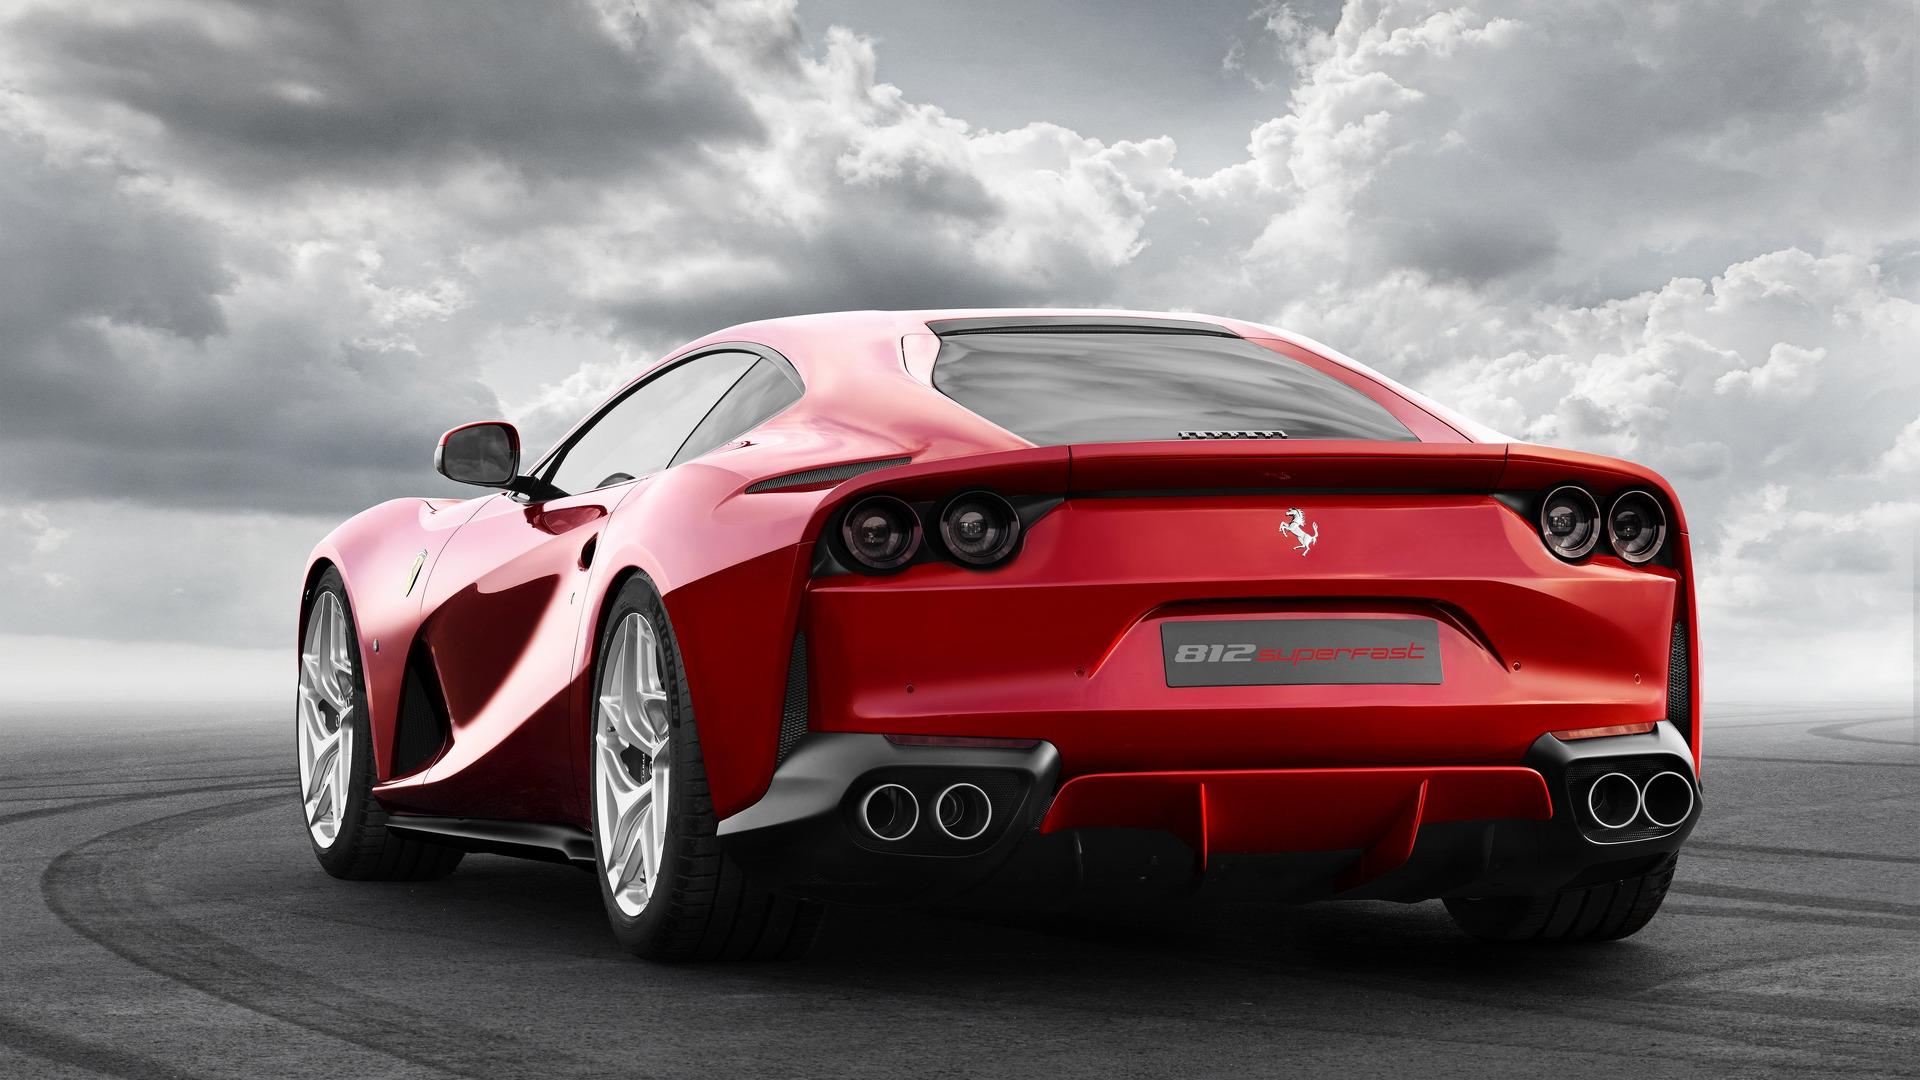 Ferrari готовит к сентябрю новую модель без крыши 1